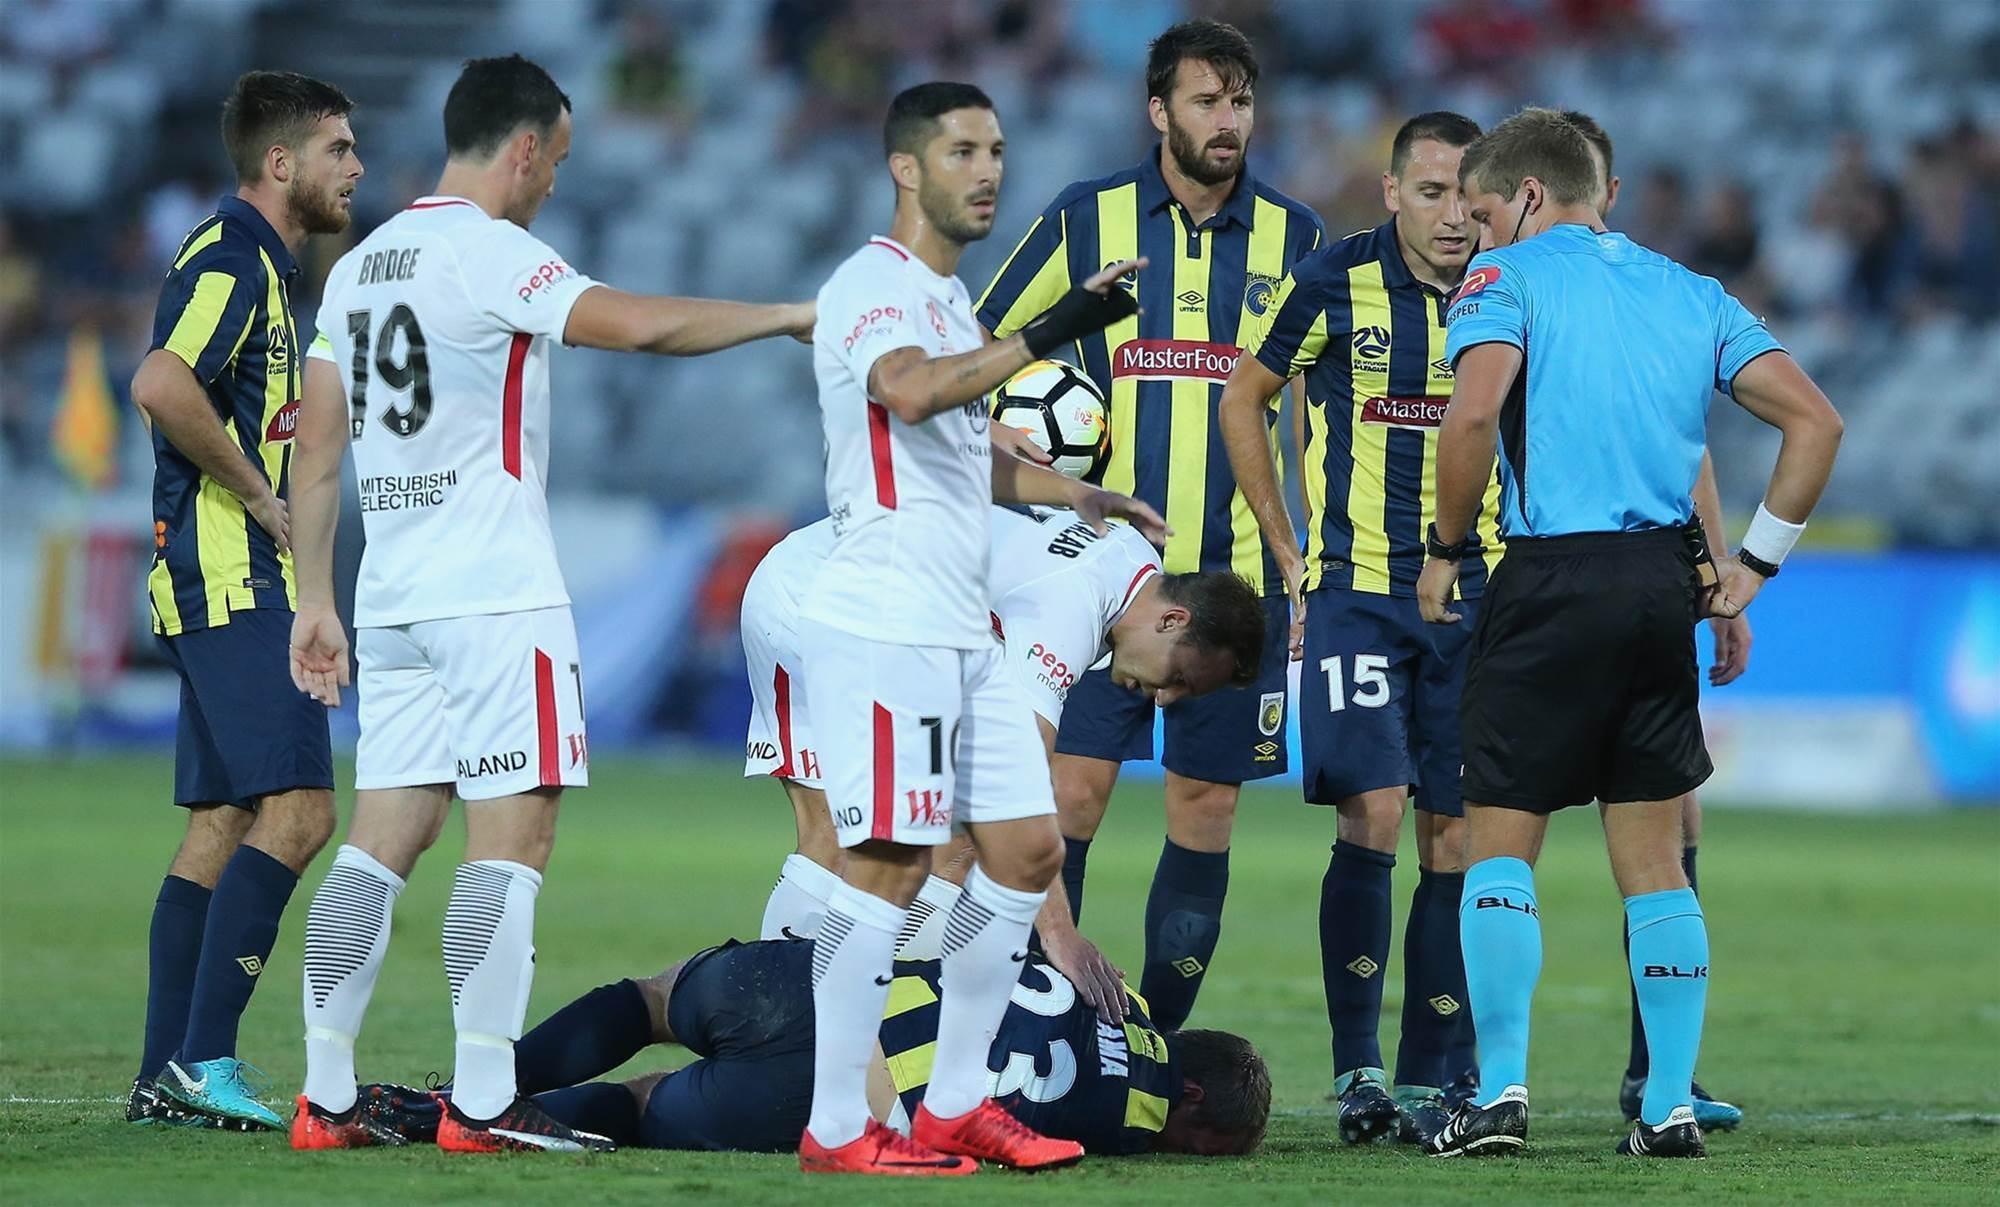 VAR killing love of football - Okon